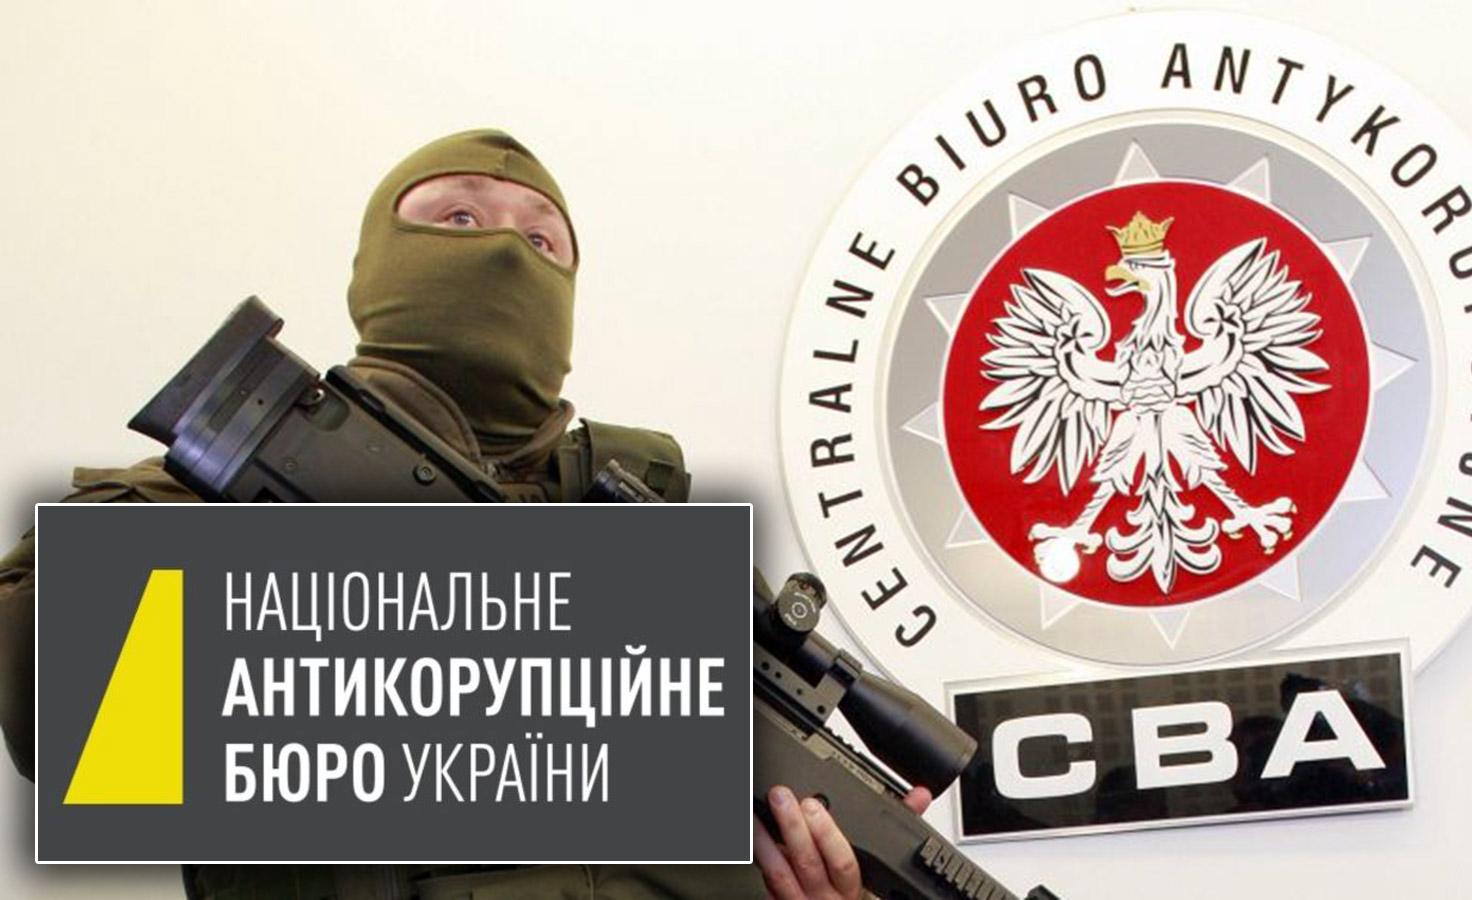 Źródło: www.fakt.pl